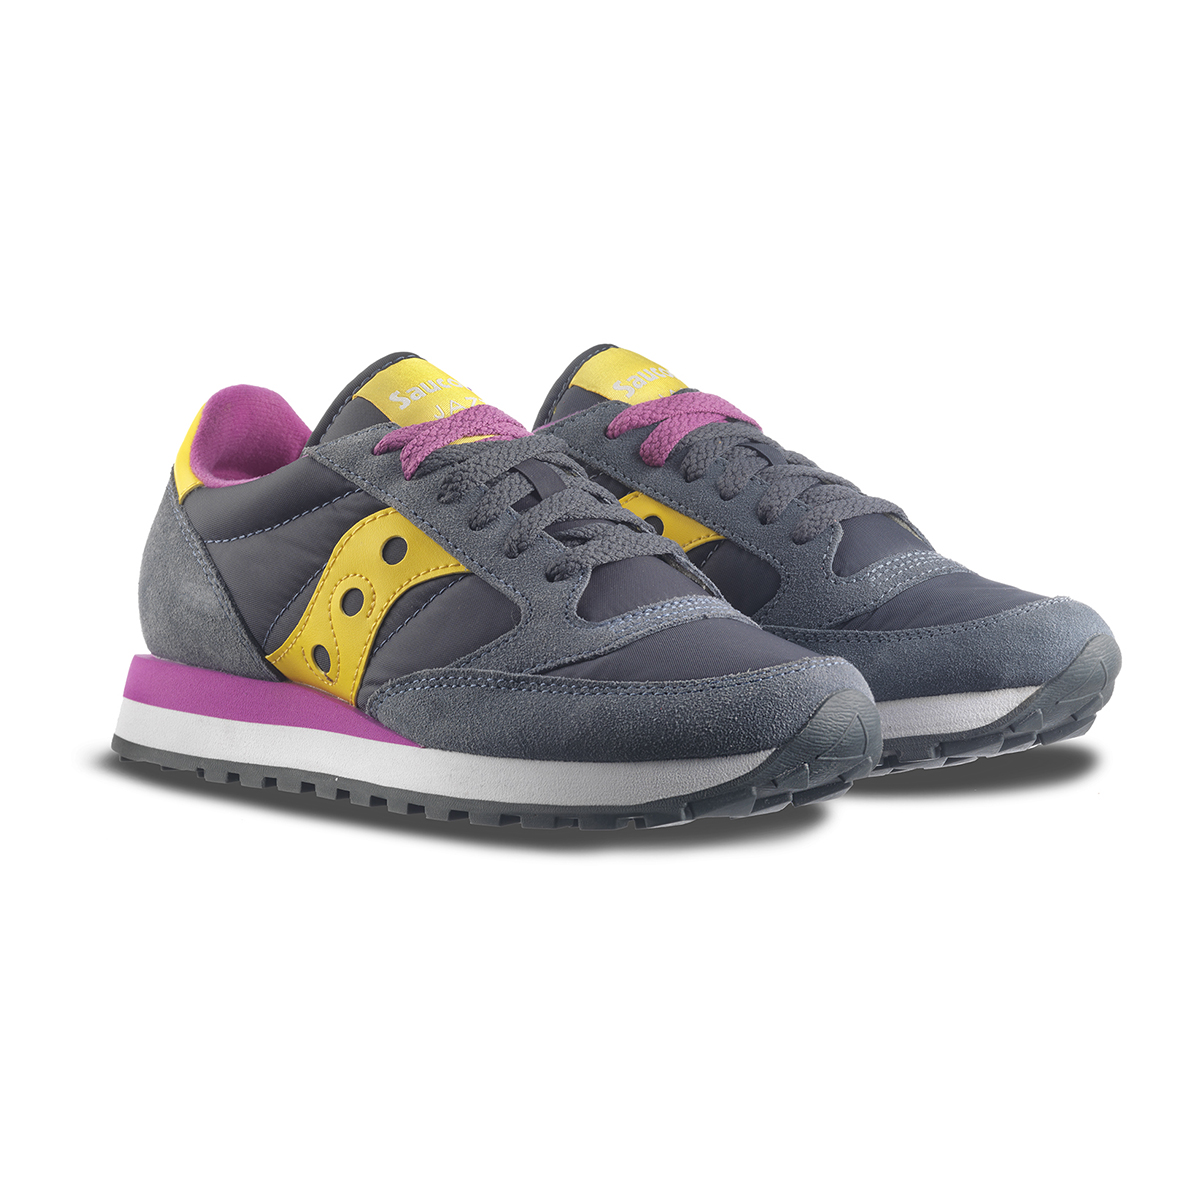 Vajenti scarpa saucony e-commerce